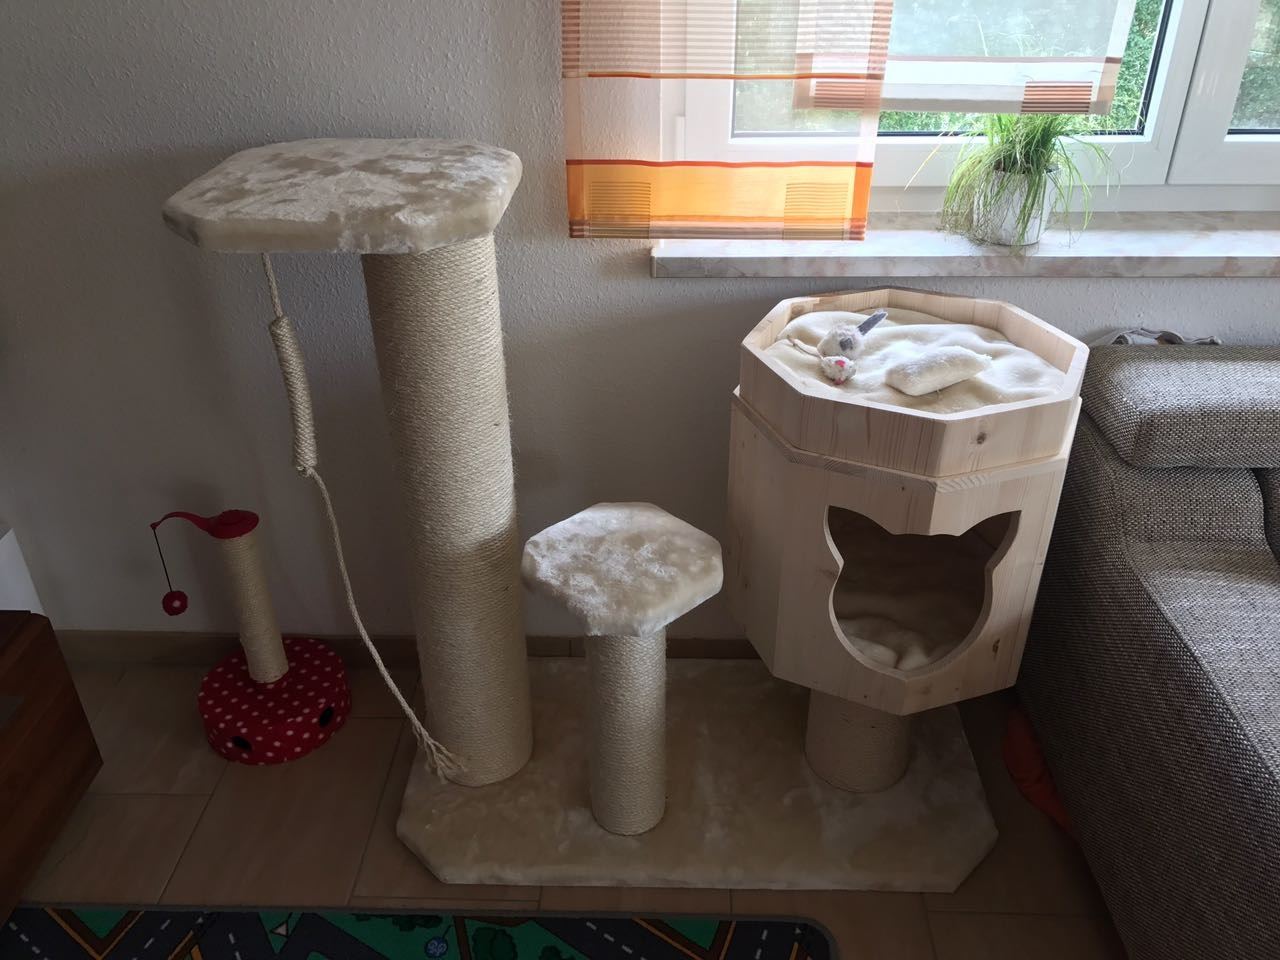 kratzbaum klein gro h hle f r katzen kuschelbett f r. Black Bedroom Furniture Sets. Home Design Ideas